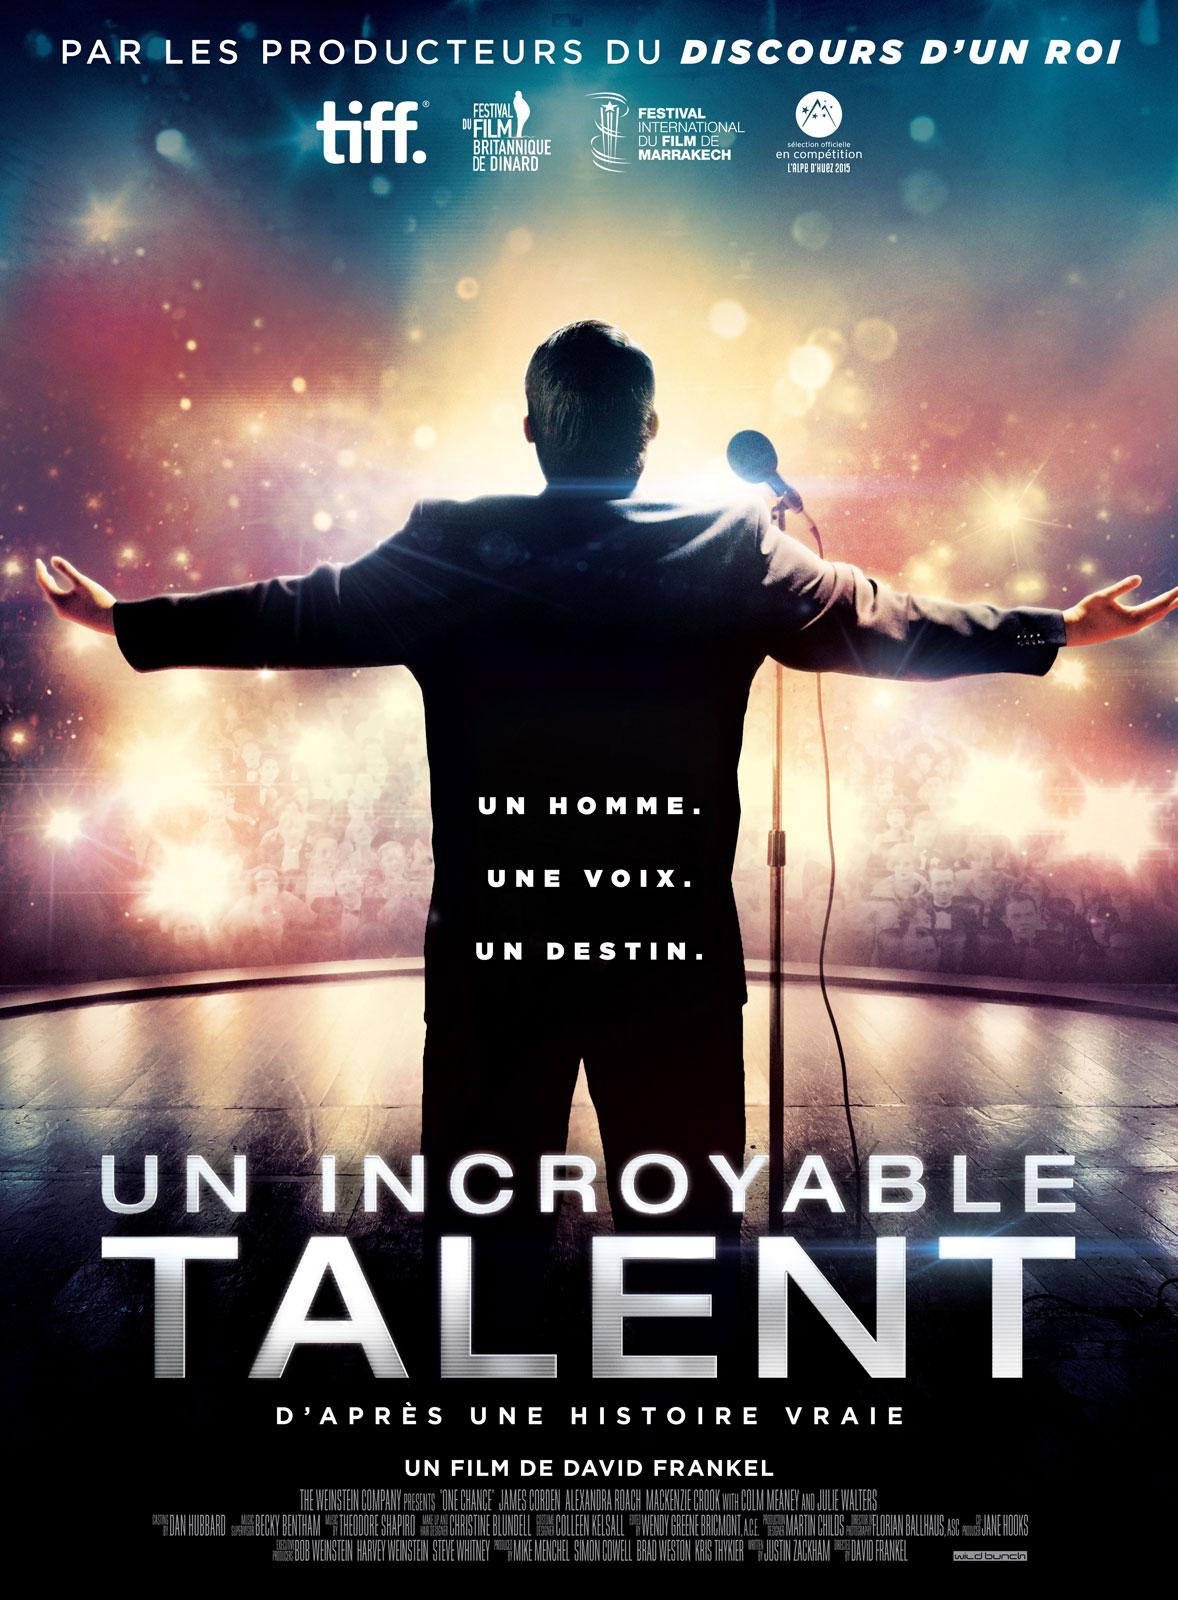 affiche du film Un incroyable talent